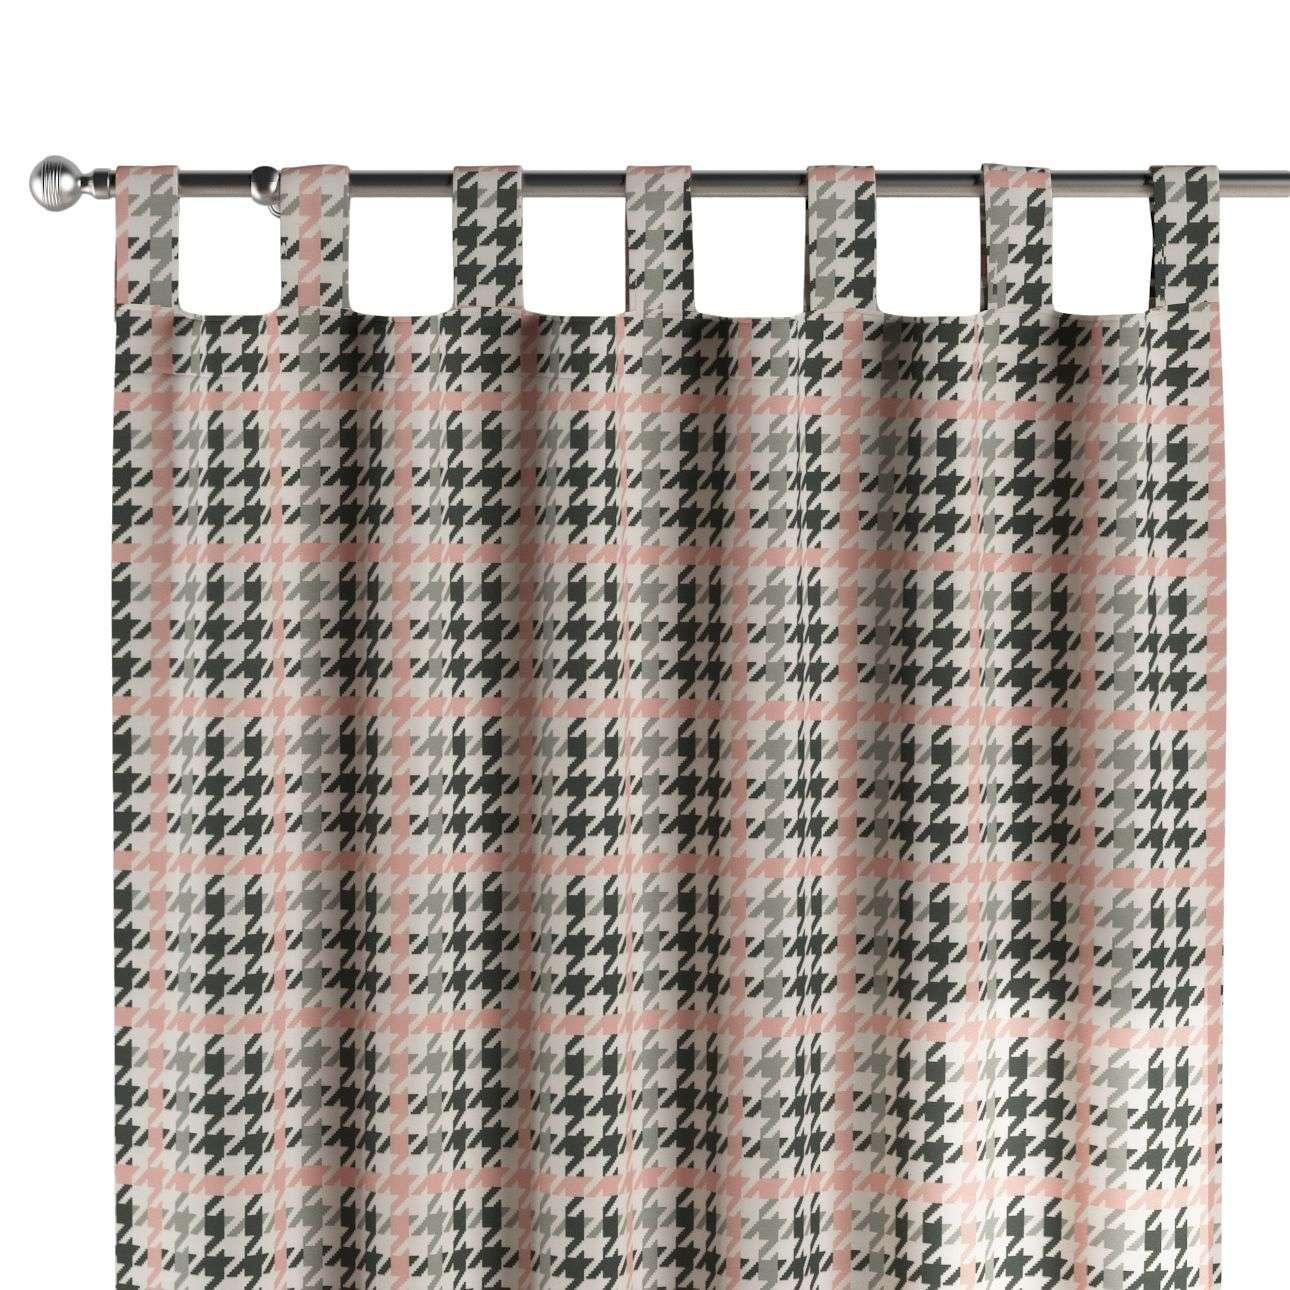 Zasłona na szelkach 1 szt. 1szt 130x260 cm w kolekcji Brooklyn, tkanina: 137-75